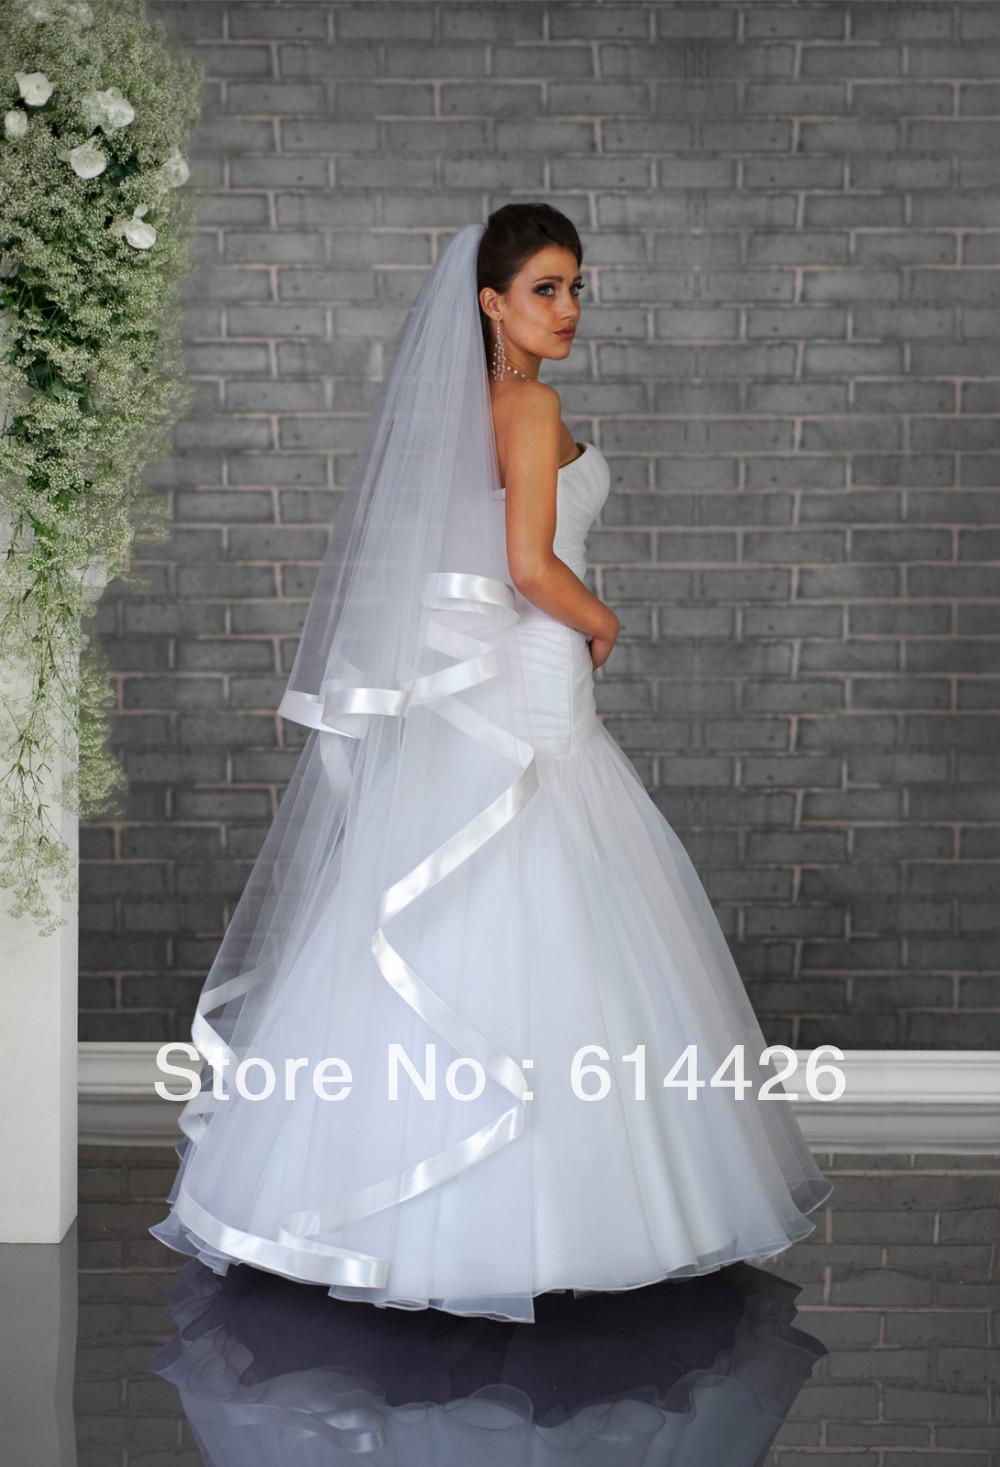 voile de mariée 2013 blanc ou ivoire voile de mariée accessoires de mariée al4735 long voile de mariée